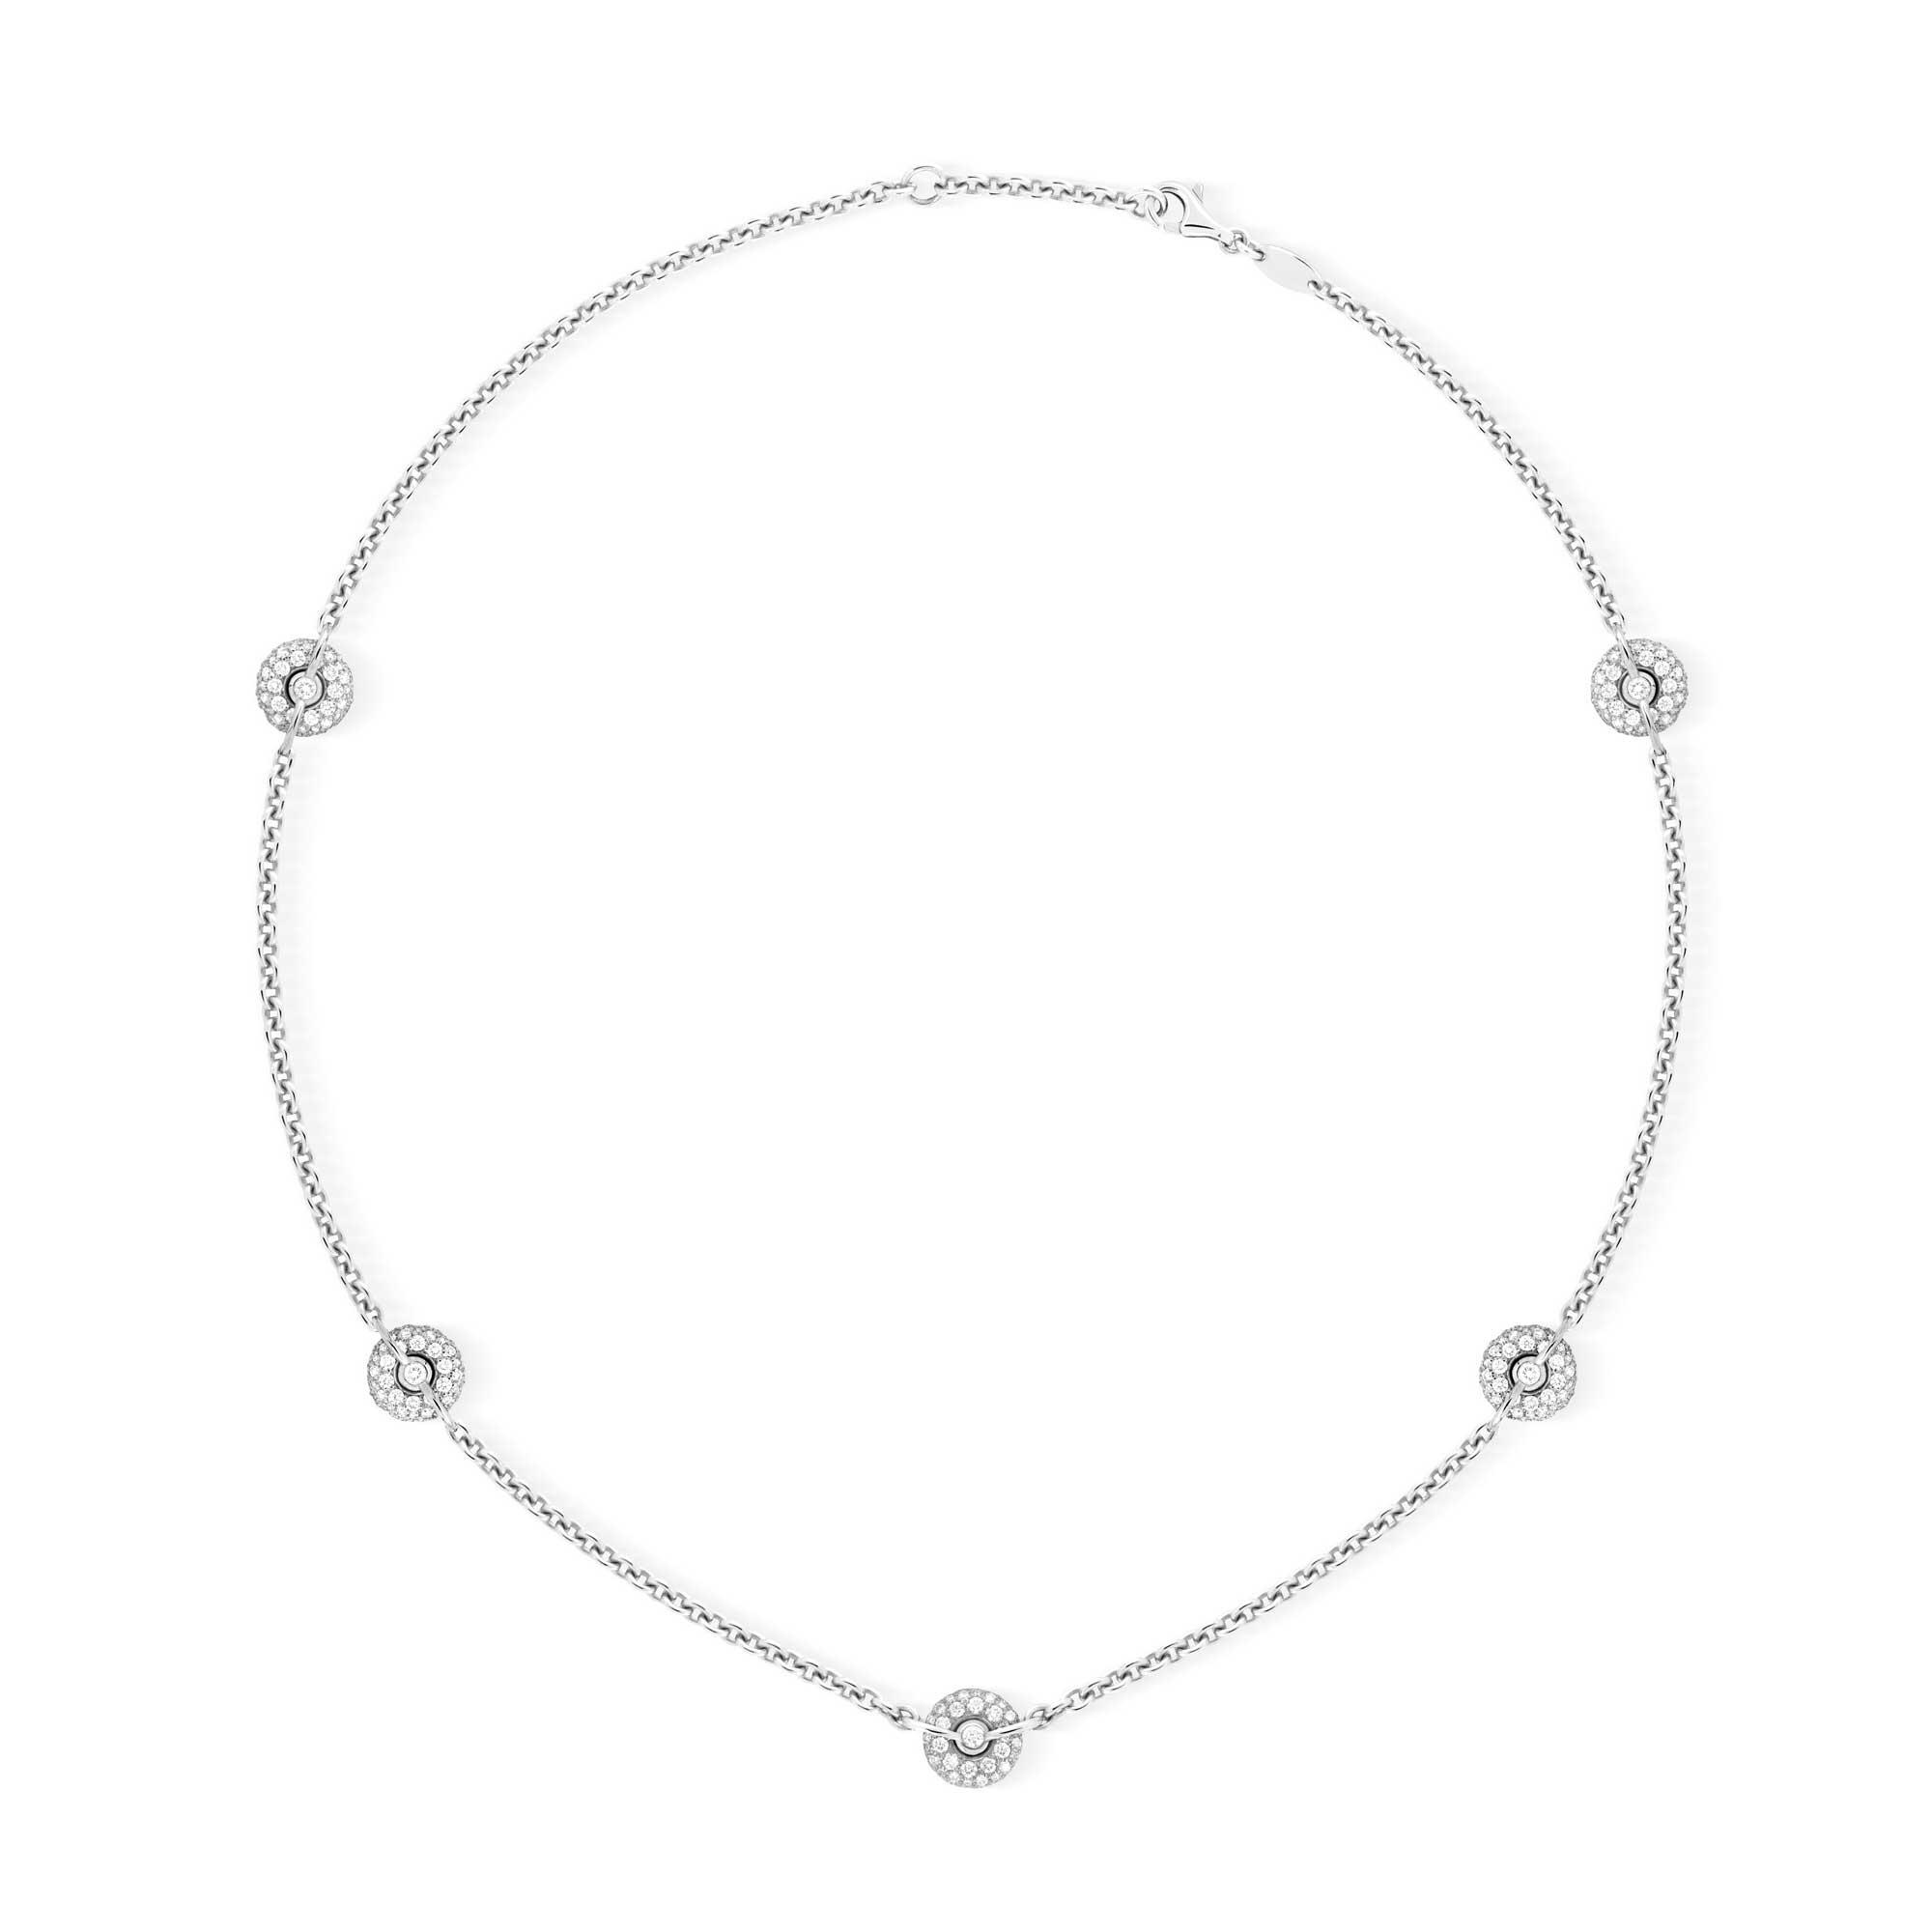 Collier chaine or gris pavage diamants 5 bouées - Joaillere Canaglia Paris-Milan